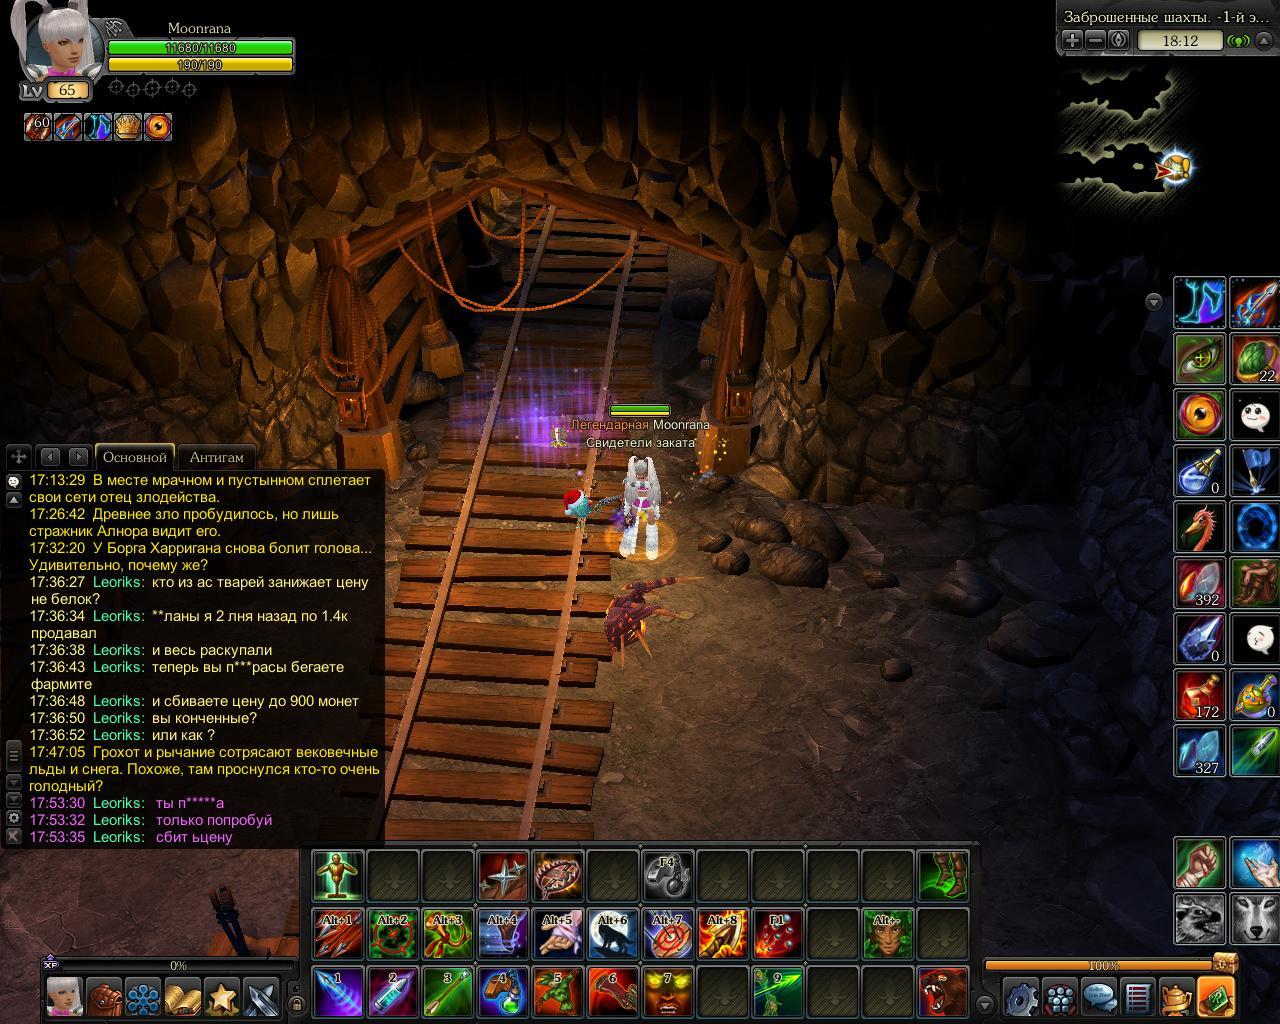 screen_190126_001.1548519203.jpg